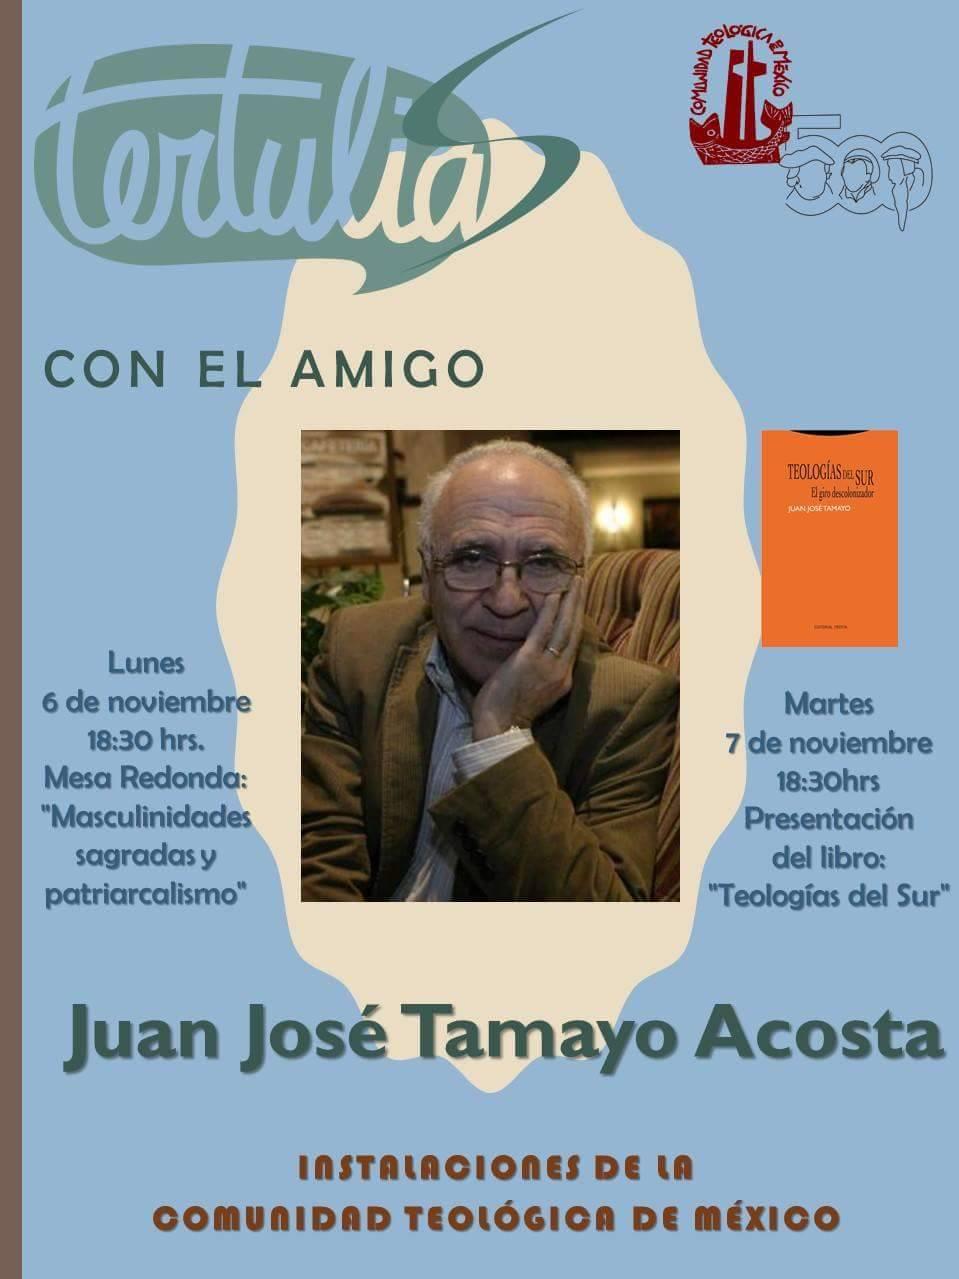 Tertulia con el amigo Juan José Tamayo Acosta